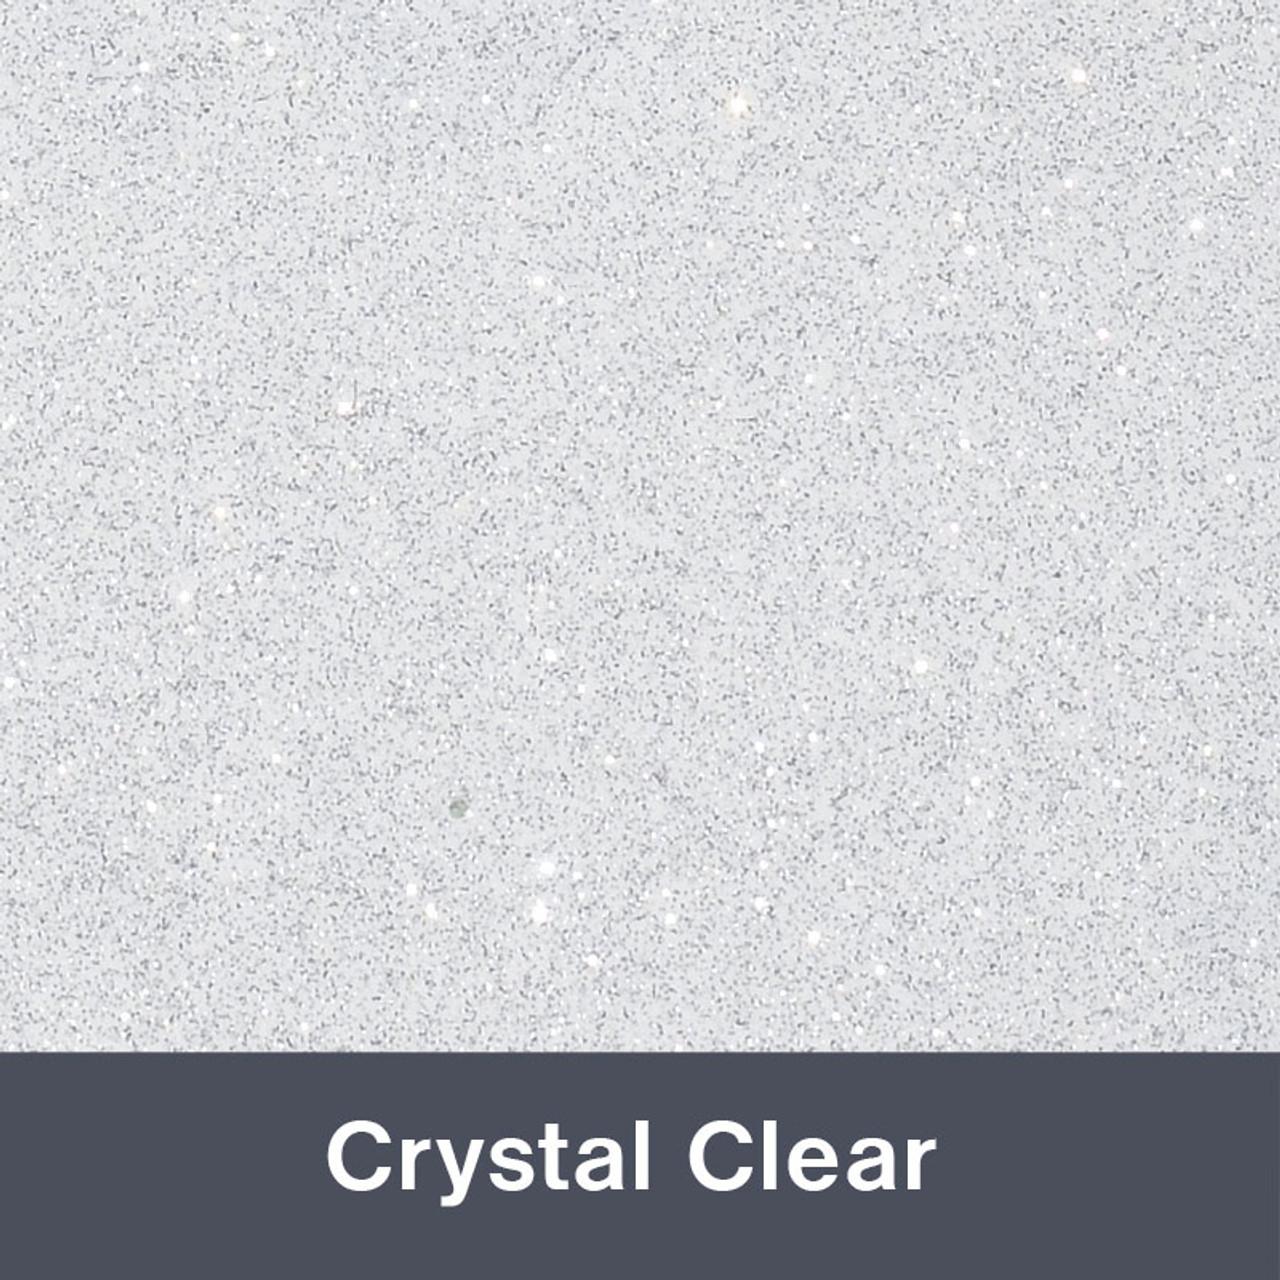 851 Crystal Clear Sparkle